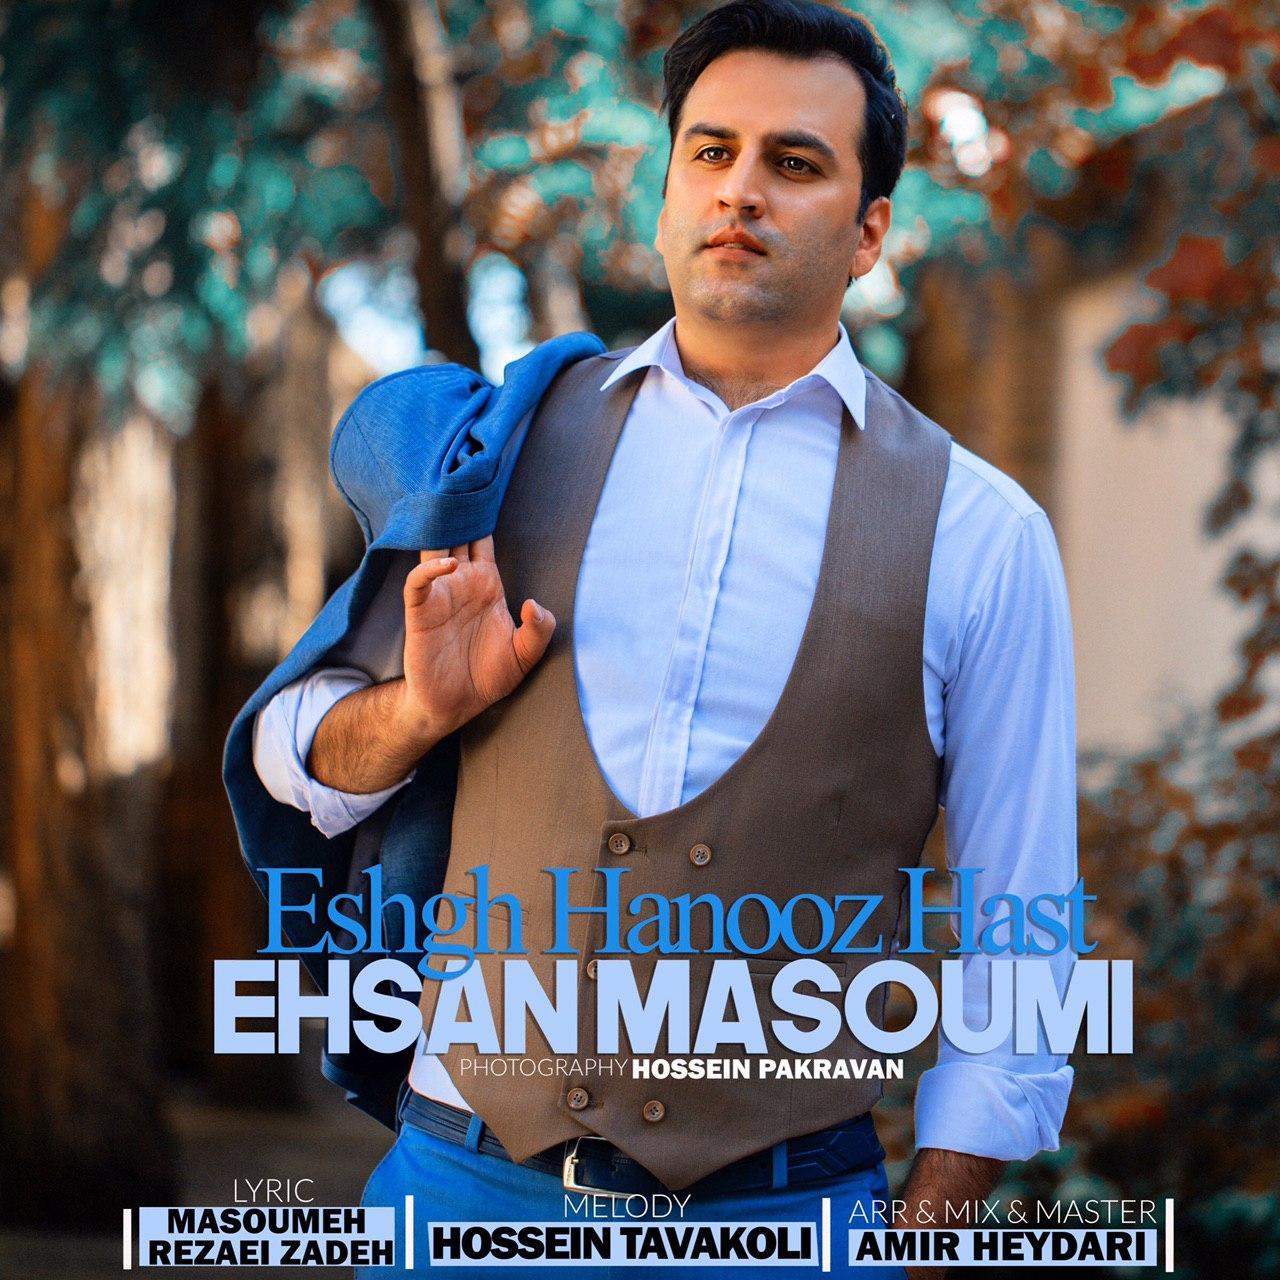 Ehsan Masoumi – Eshgh Hanooz Hast